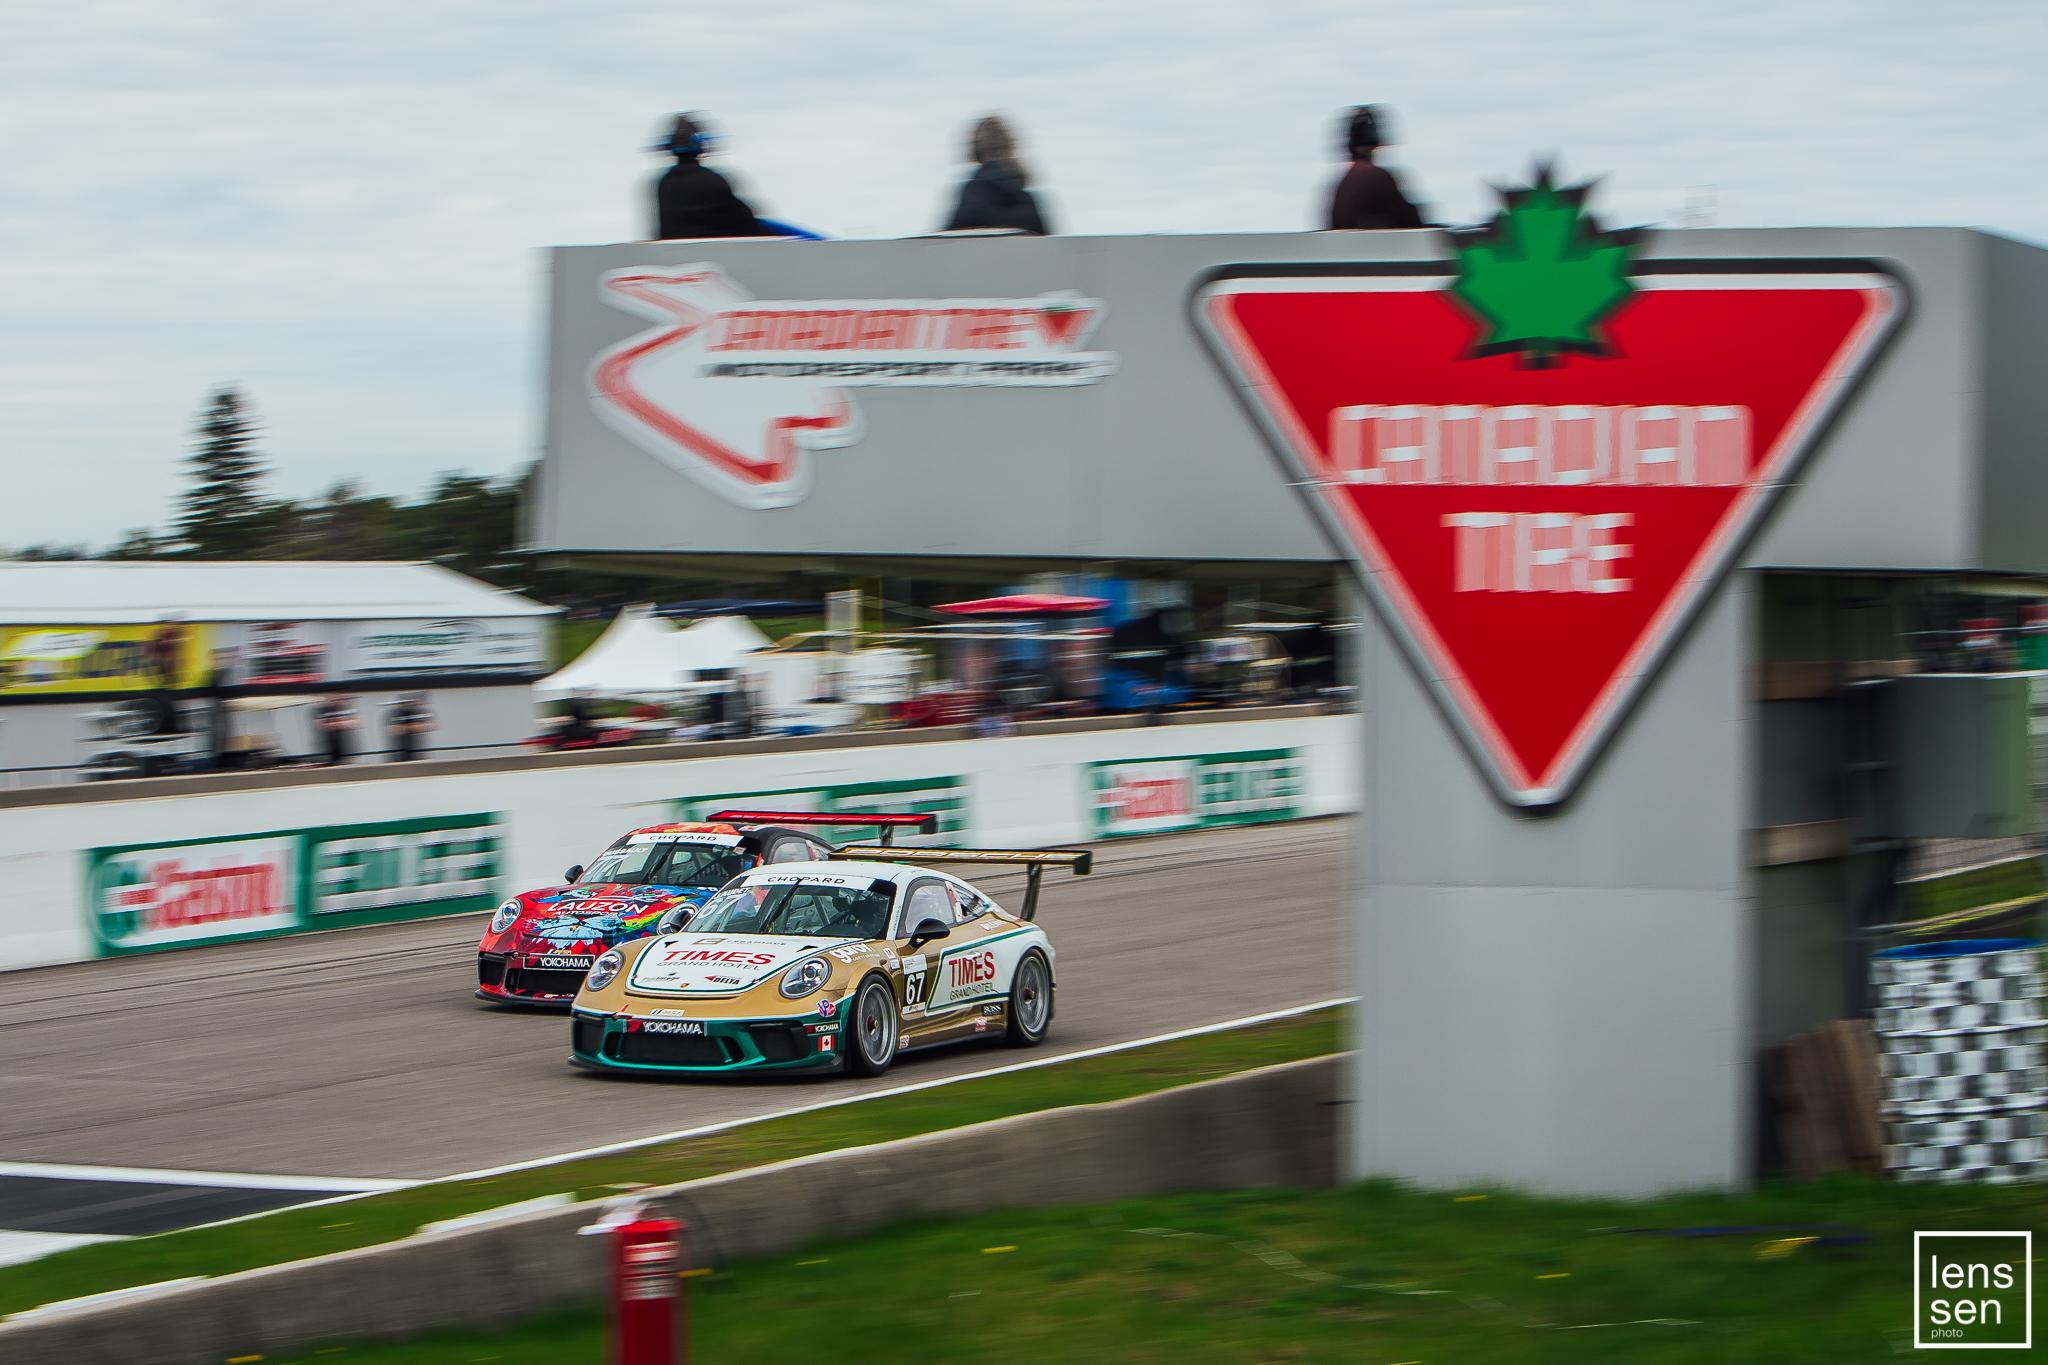 Porsche GT3 Cup Challenge Canada - 052019 - CTMP Mosport VDS 2019 - Lenssen Photo - 182 -8728.jpg